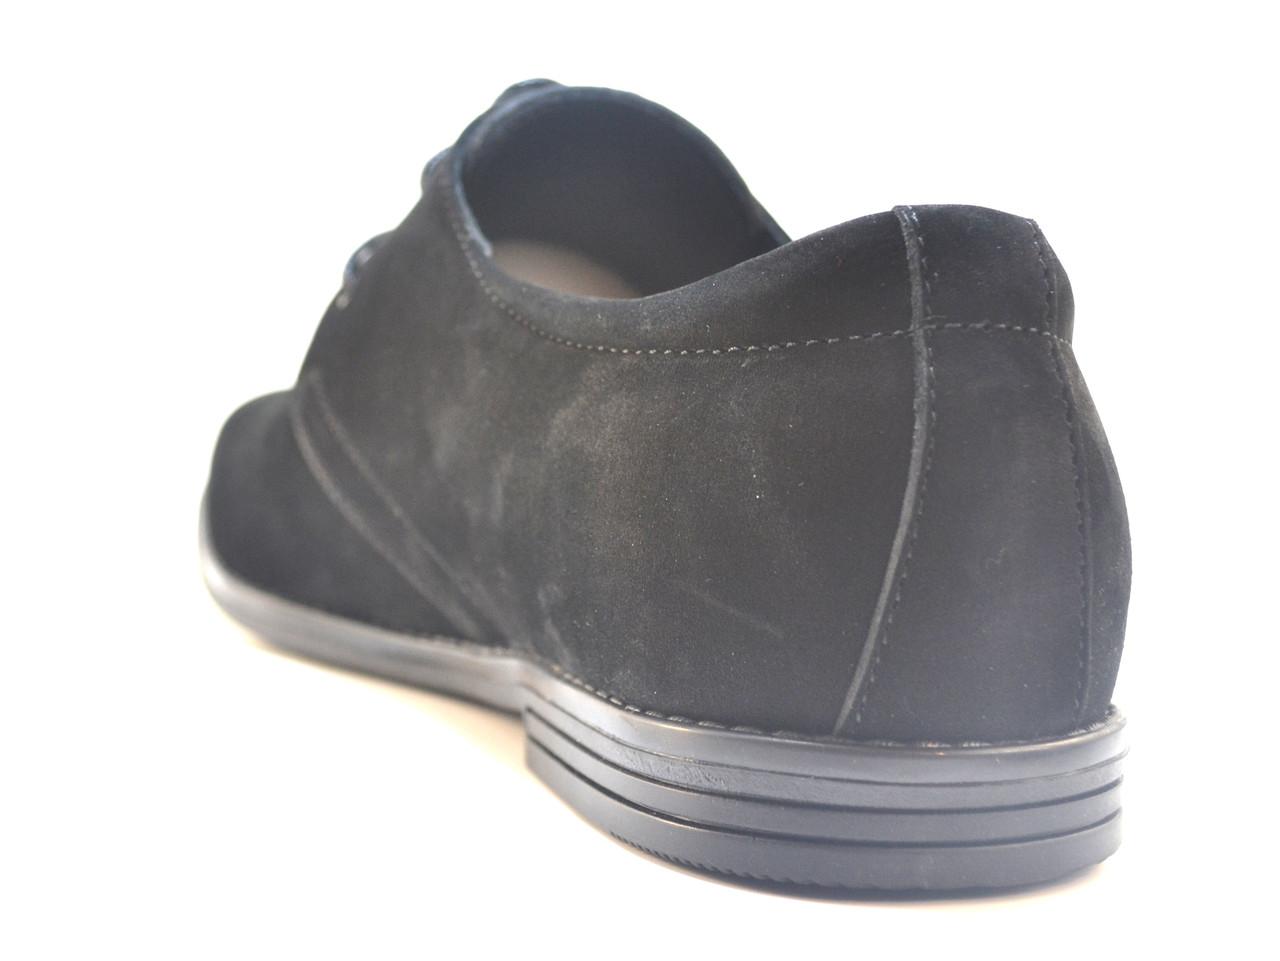 1e1621ac1 ... Обувь большой размер мужской. Туфли кожаные нубук Rosso Avangard Carlo  Attraente Сamoscio Nero NUB,